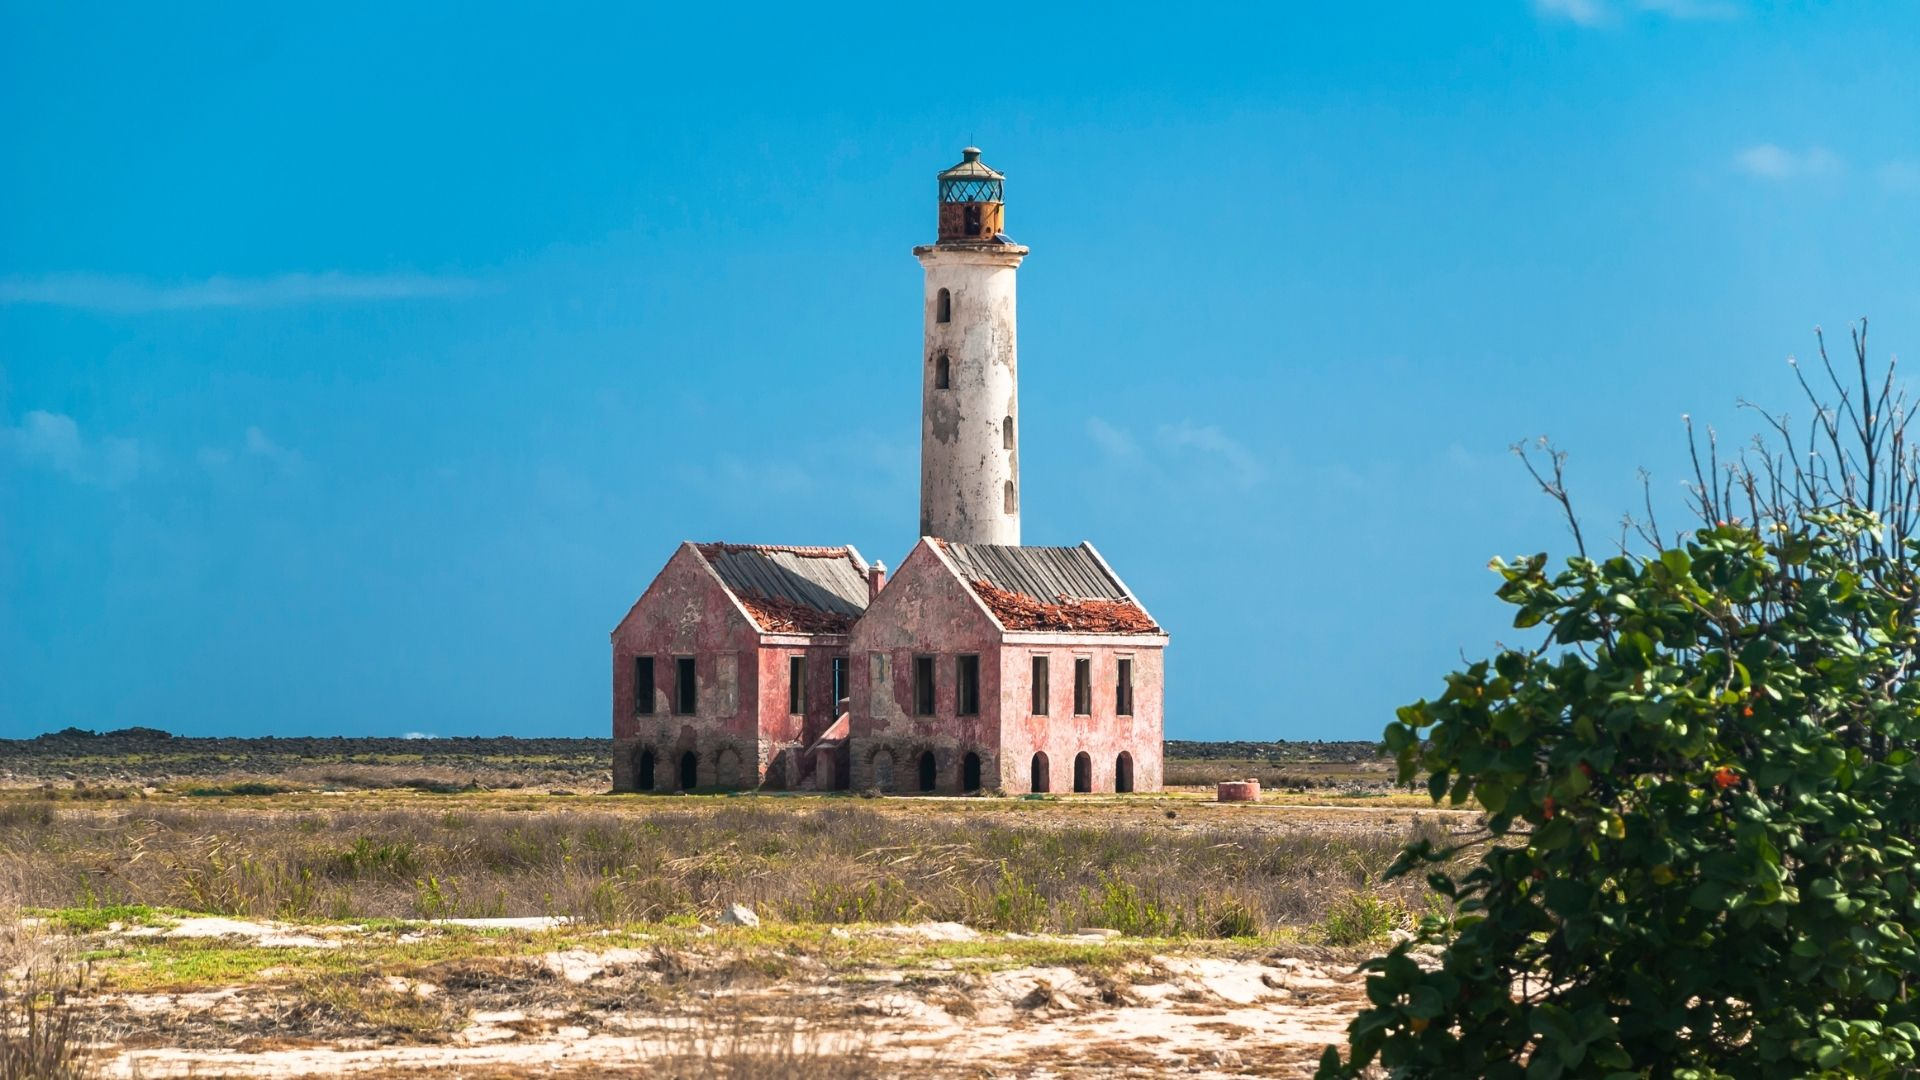 Klein curacao island